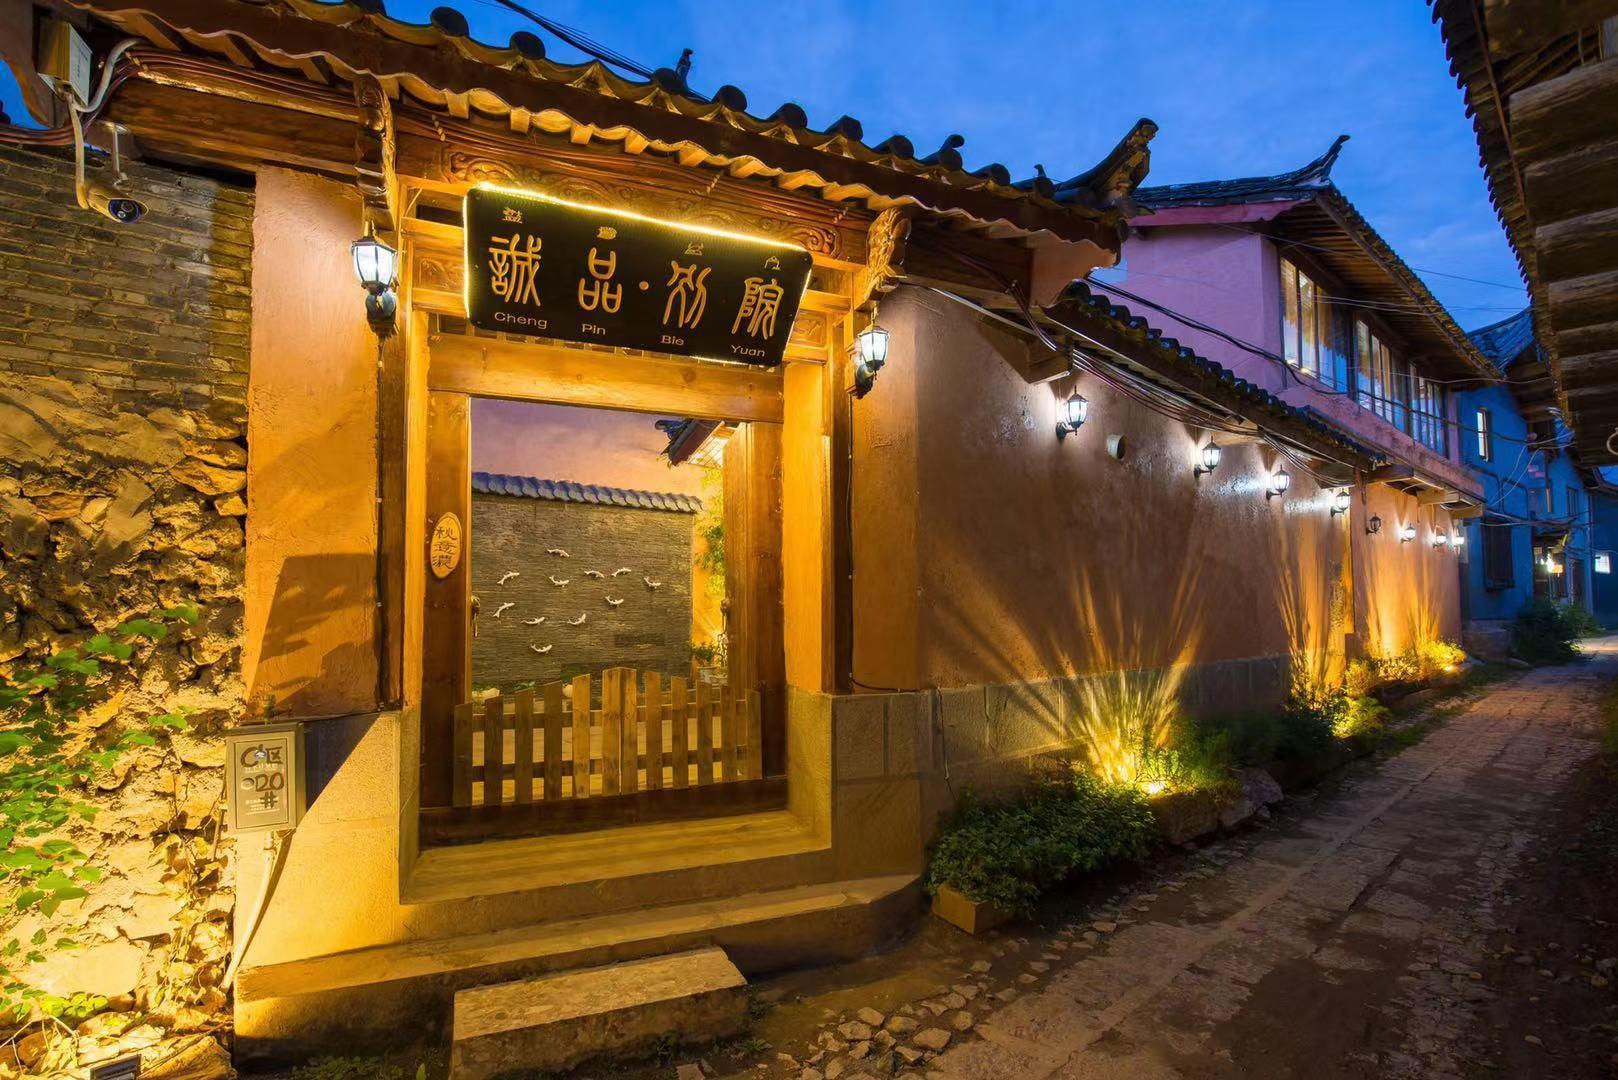 Chengpin Bieyuan Hotel